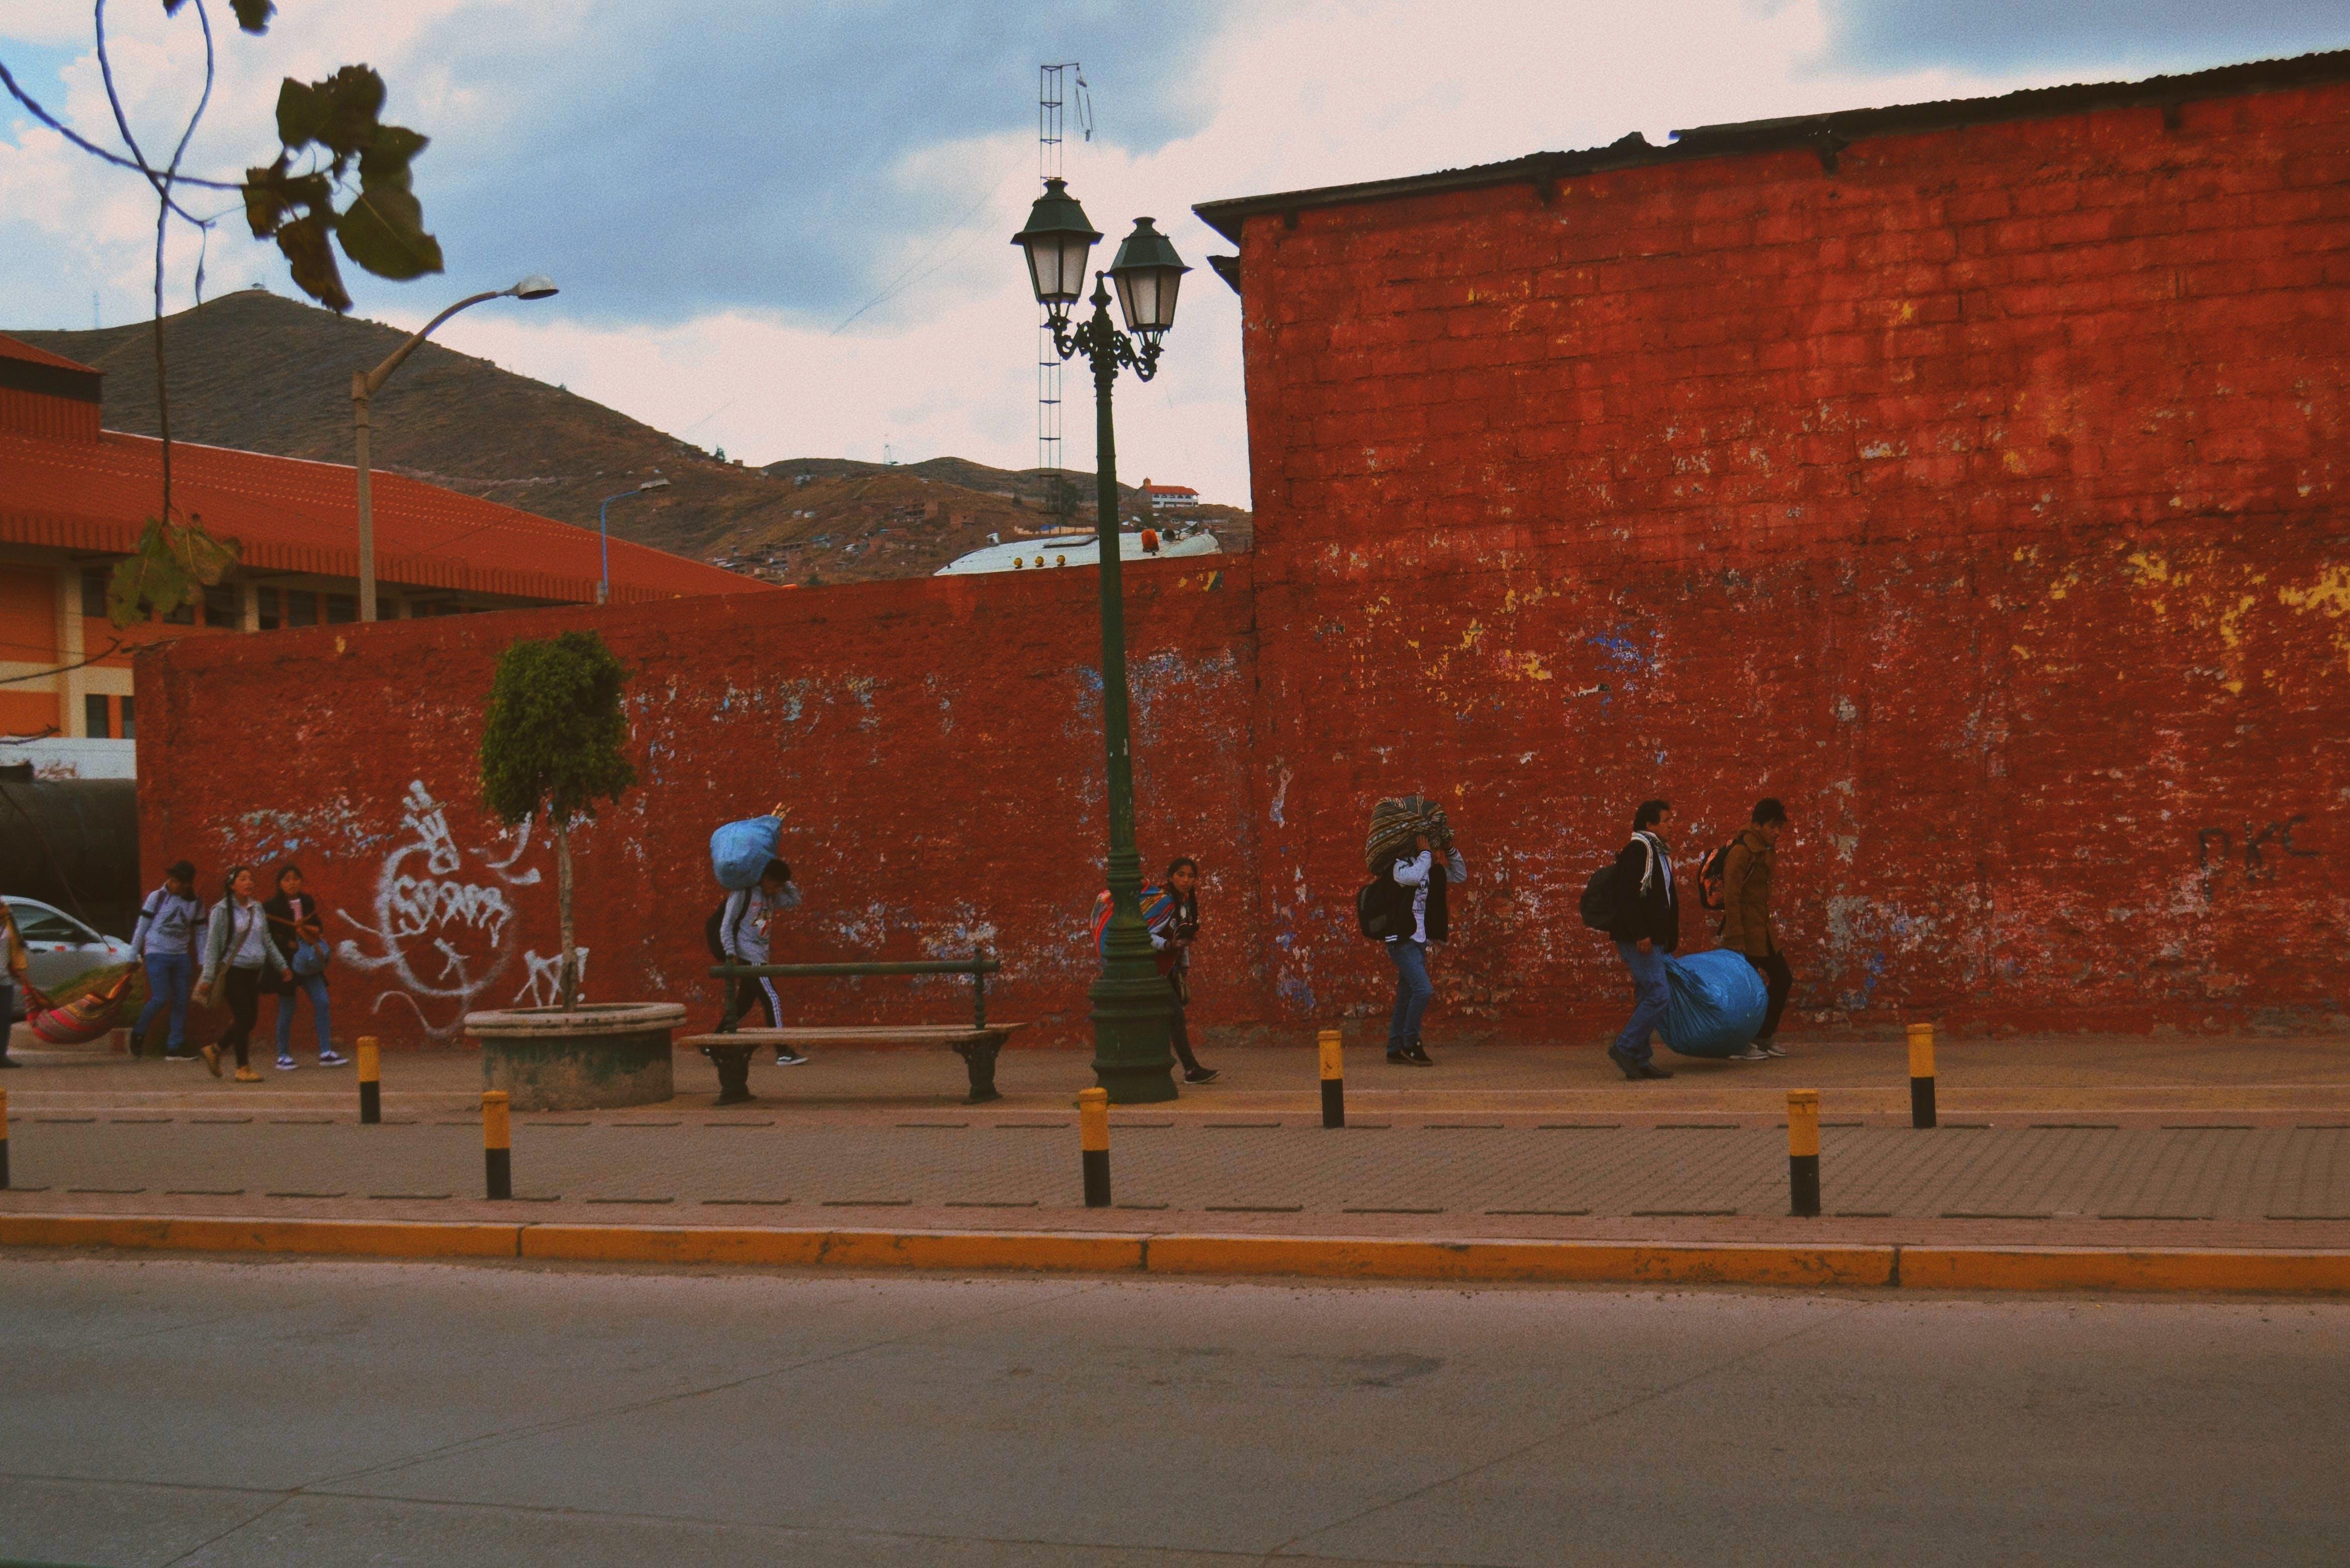 Δωρεάν στοκ φωτογραφιών με cusco, Άνθρωποι, άνθρωποι που περπατούν, αστική ζωή